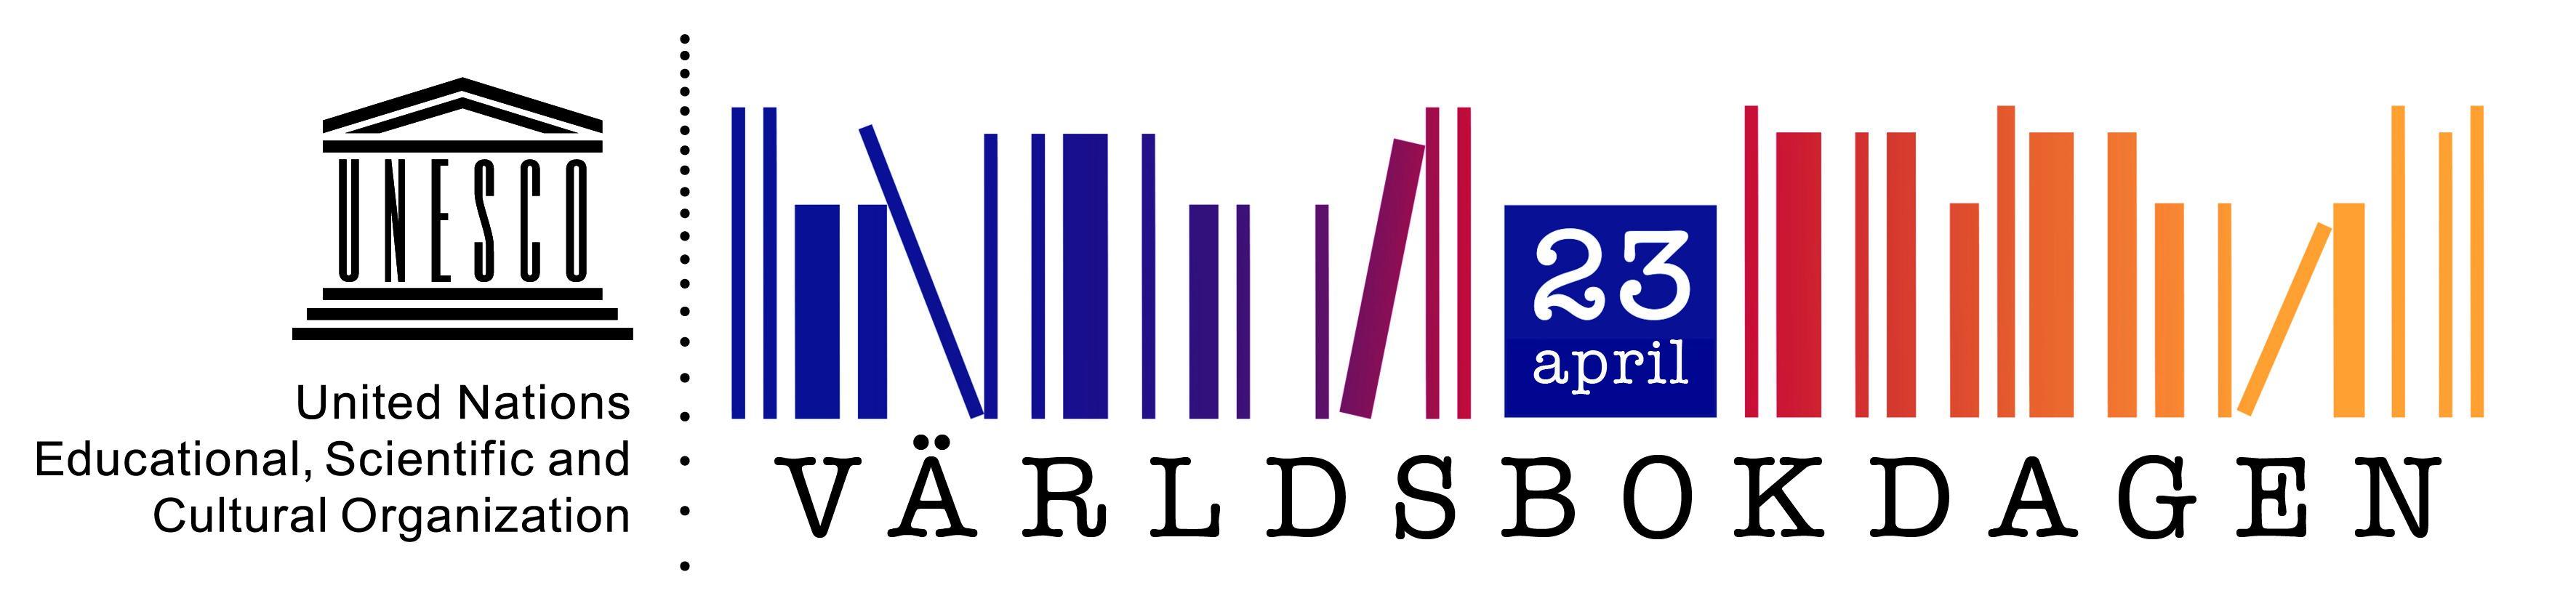 Världsbokdagen: Tipsrunda